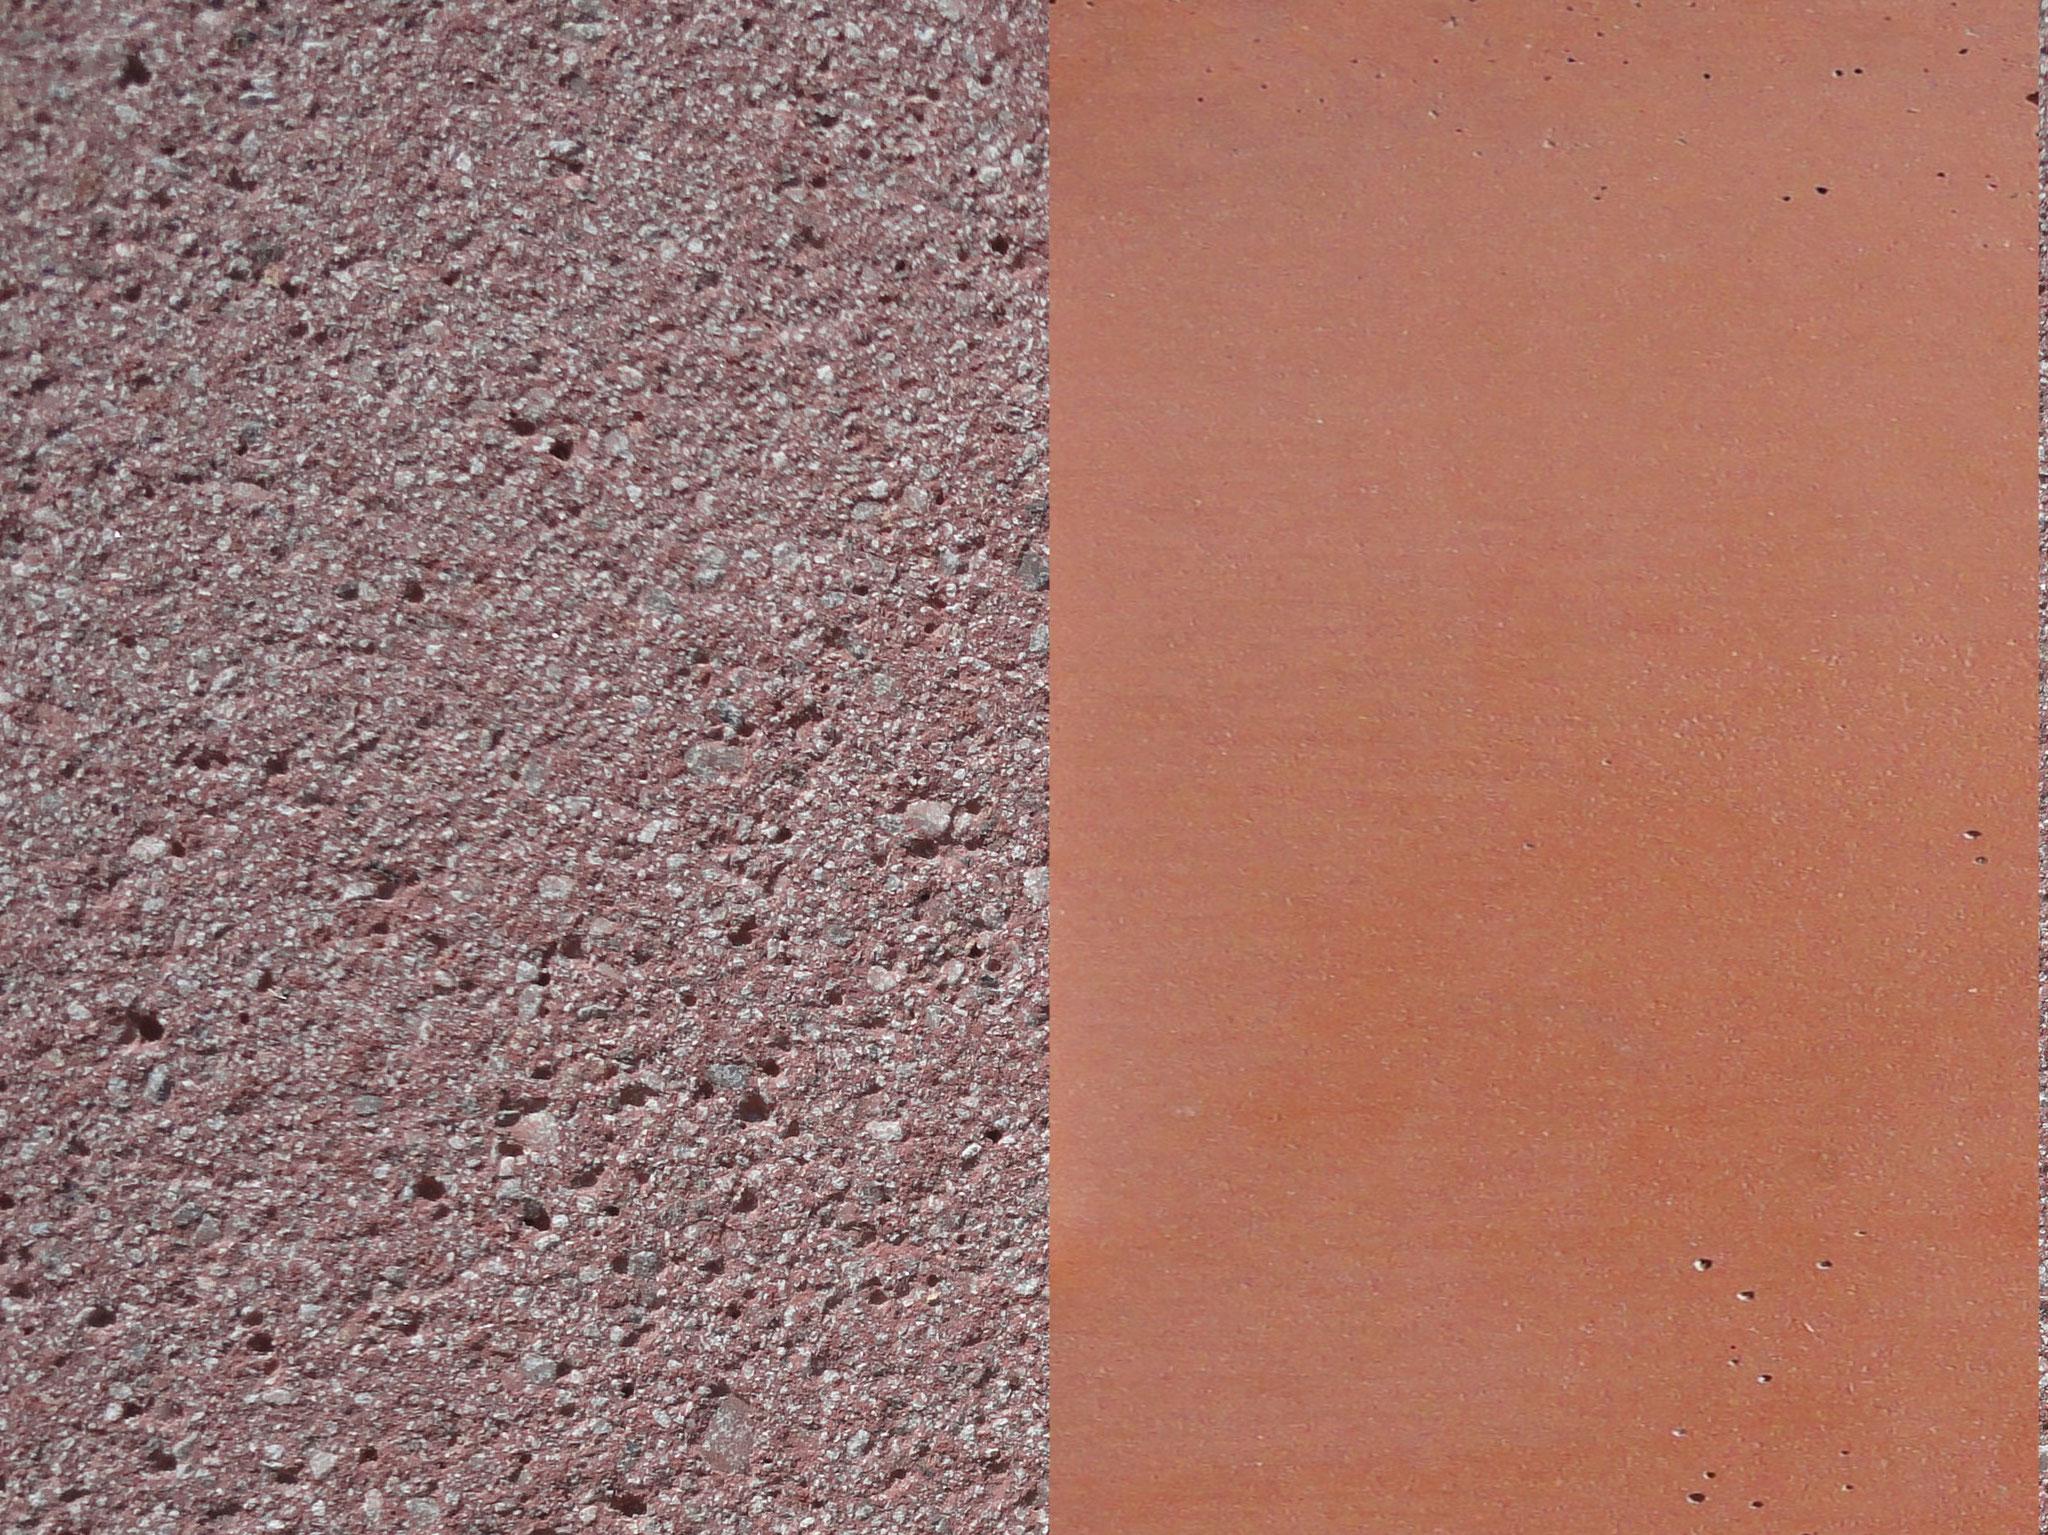 Farbe: Sahara, Farbnummer: 11, sandgestrahlt/schalrein